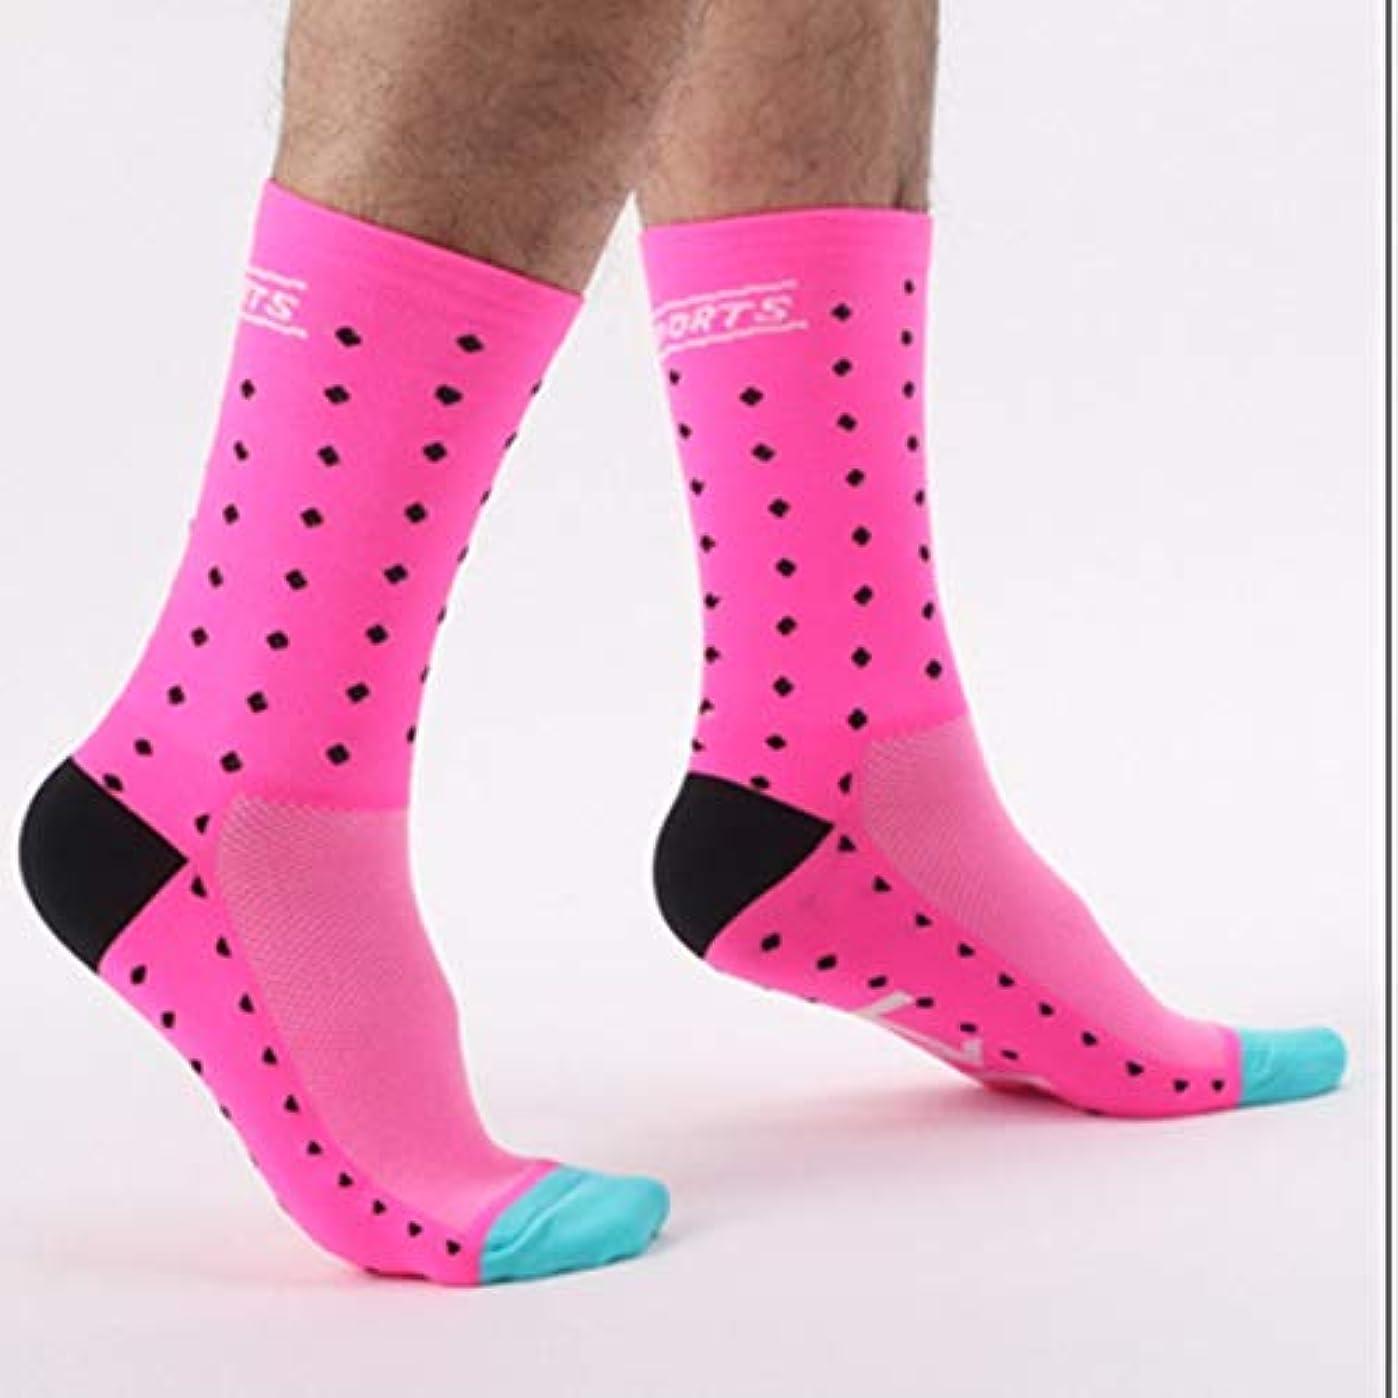 買い手パラダイス腐敗DH04快適なファッショナブルな屋外サイクリングソックス男性女性プロの通気性スポーツソックスバスケットボールソックス - ピンク